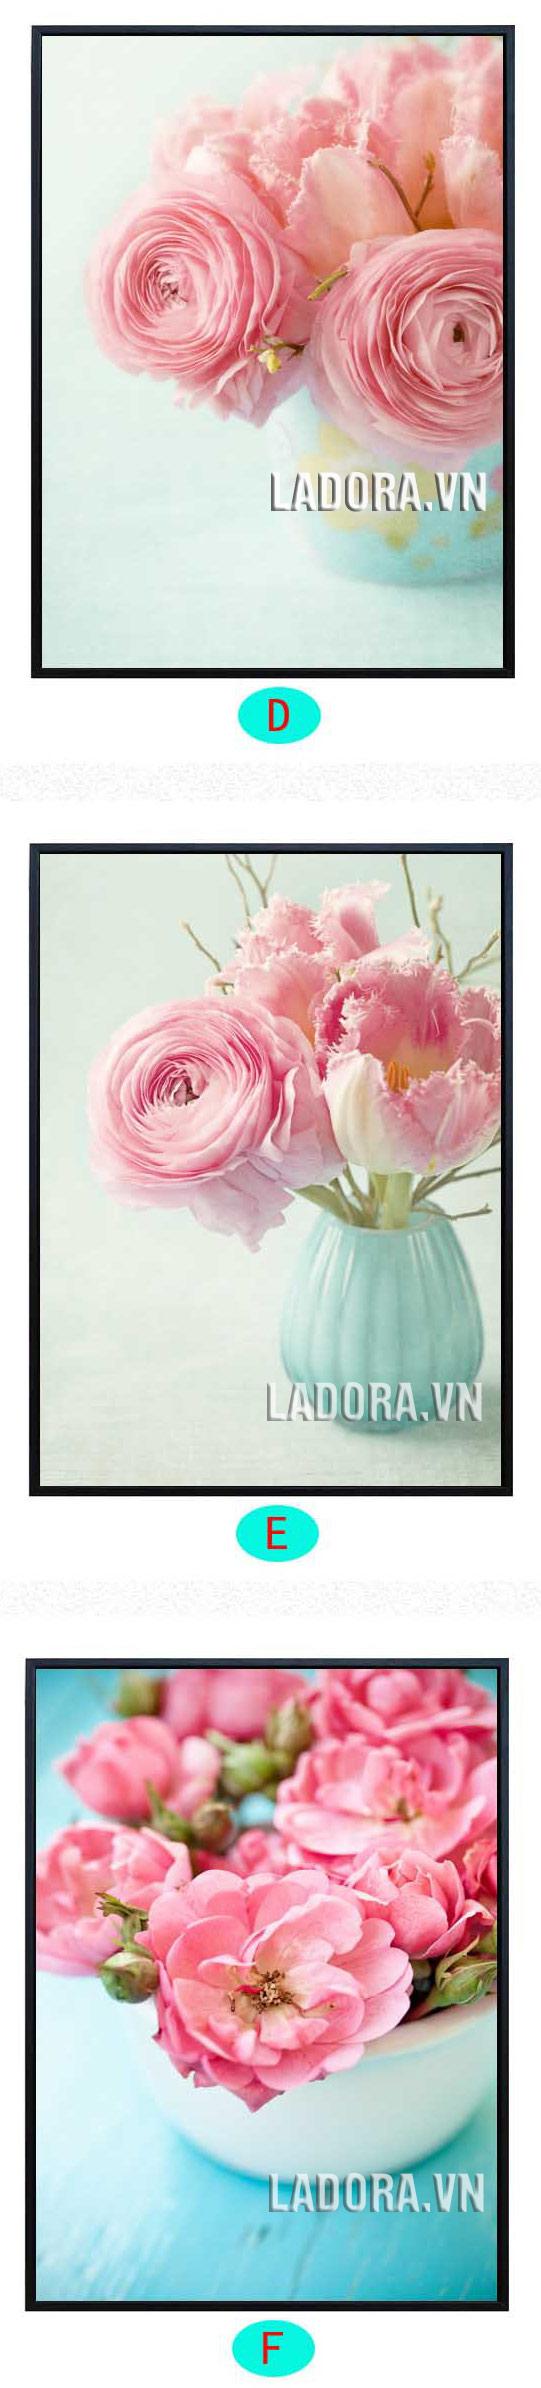 tranh hoa đẹp tại ladora shop bán đồ trang trí nhà ở hà nội ladora